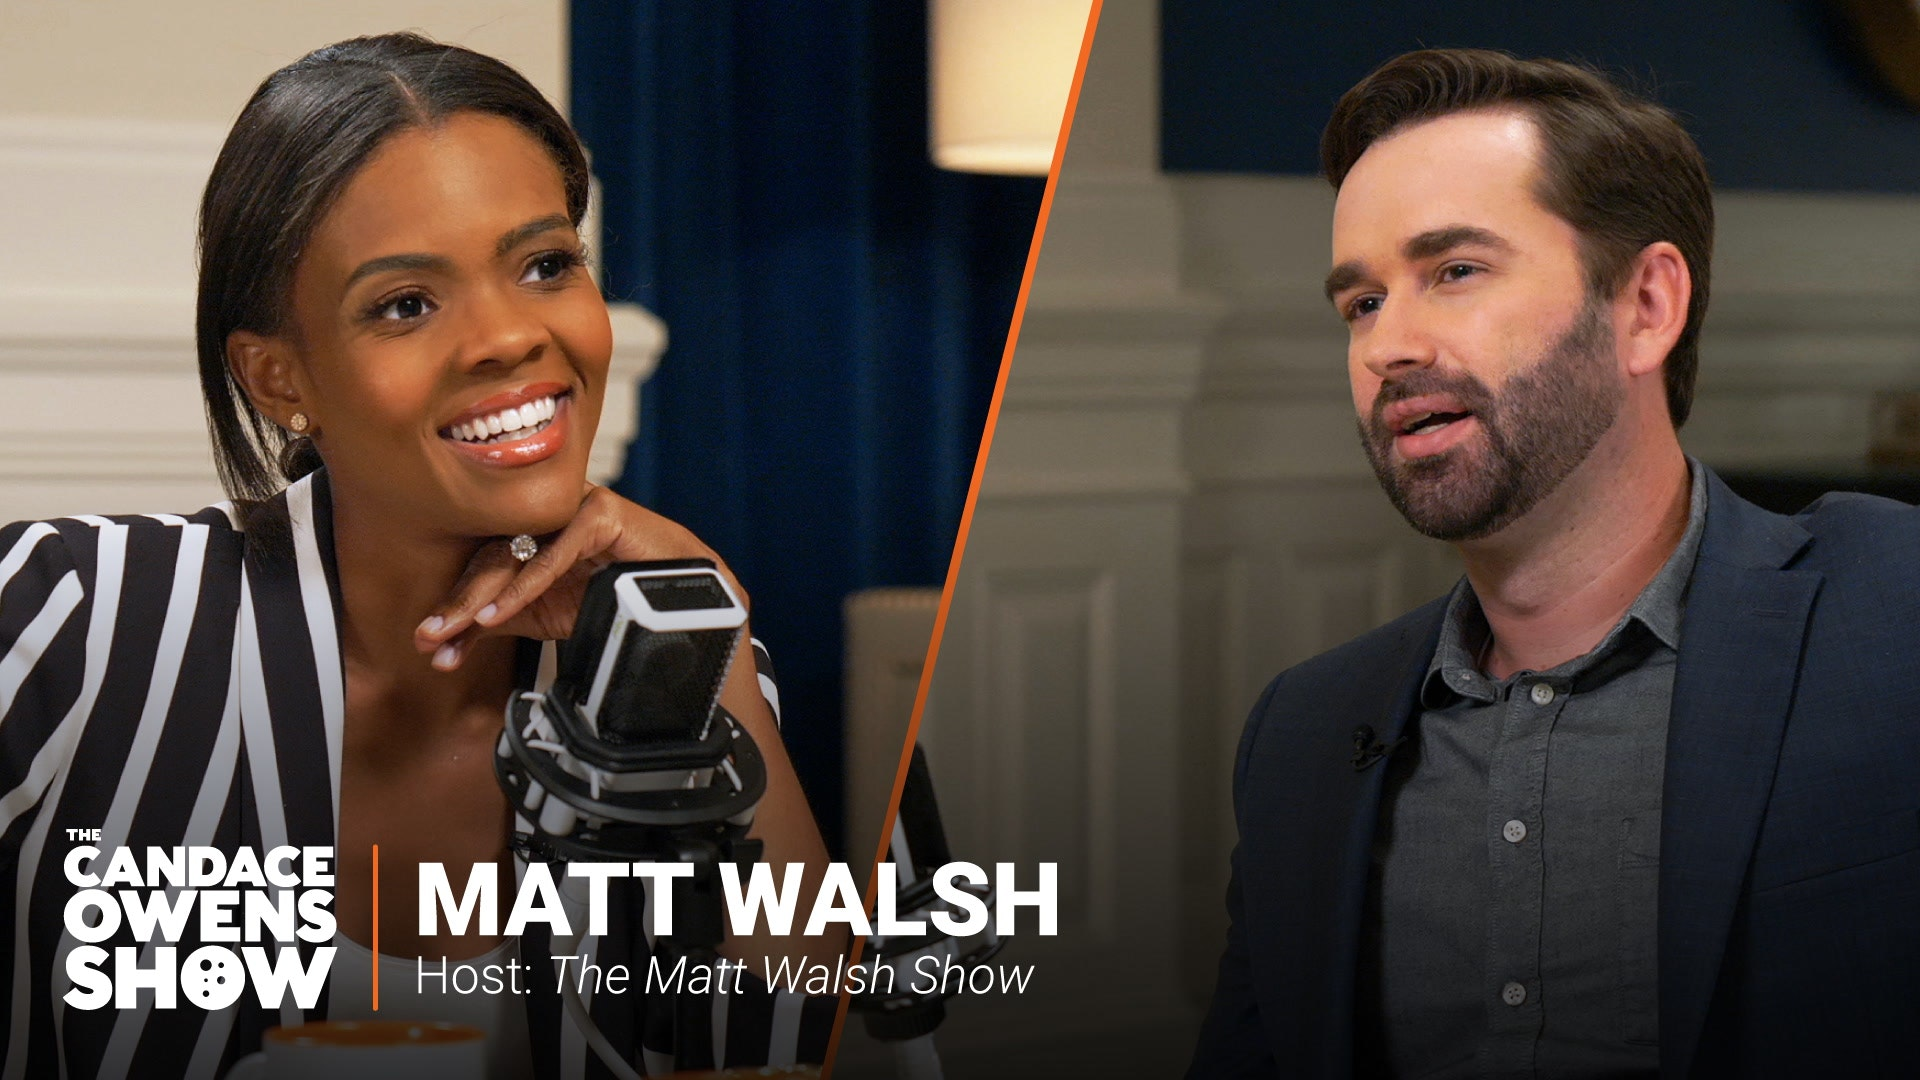 The Candace Owens Show: Matt Walsh